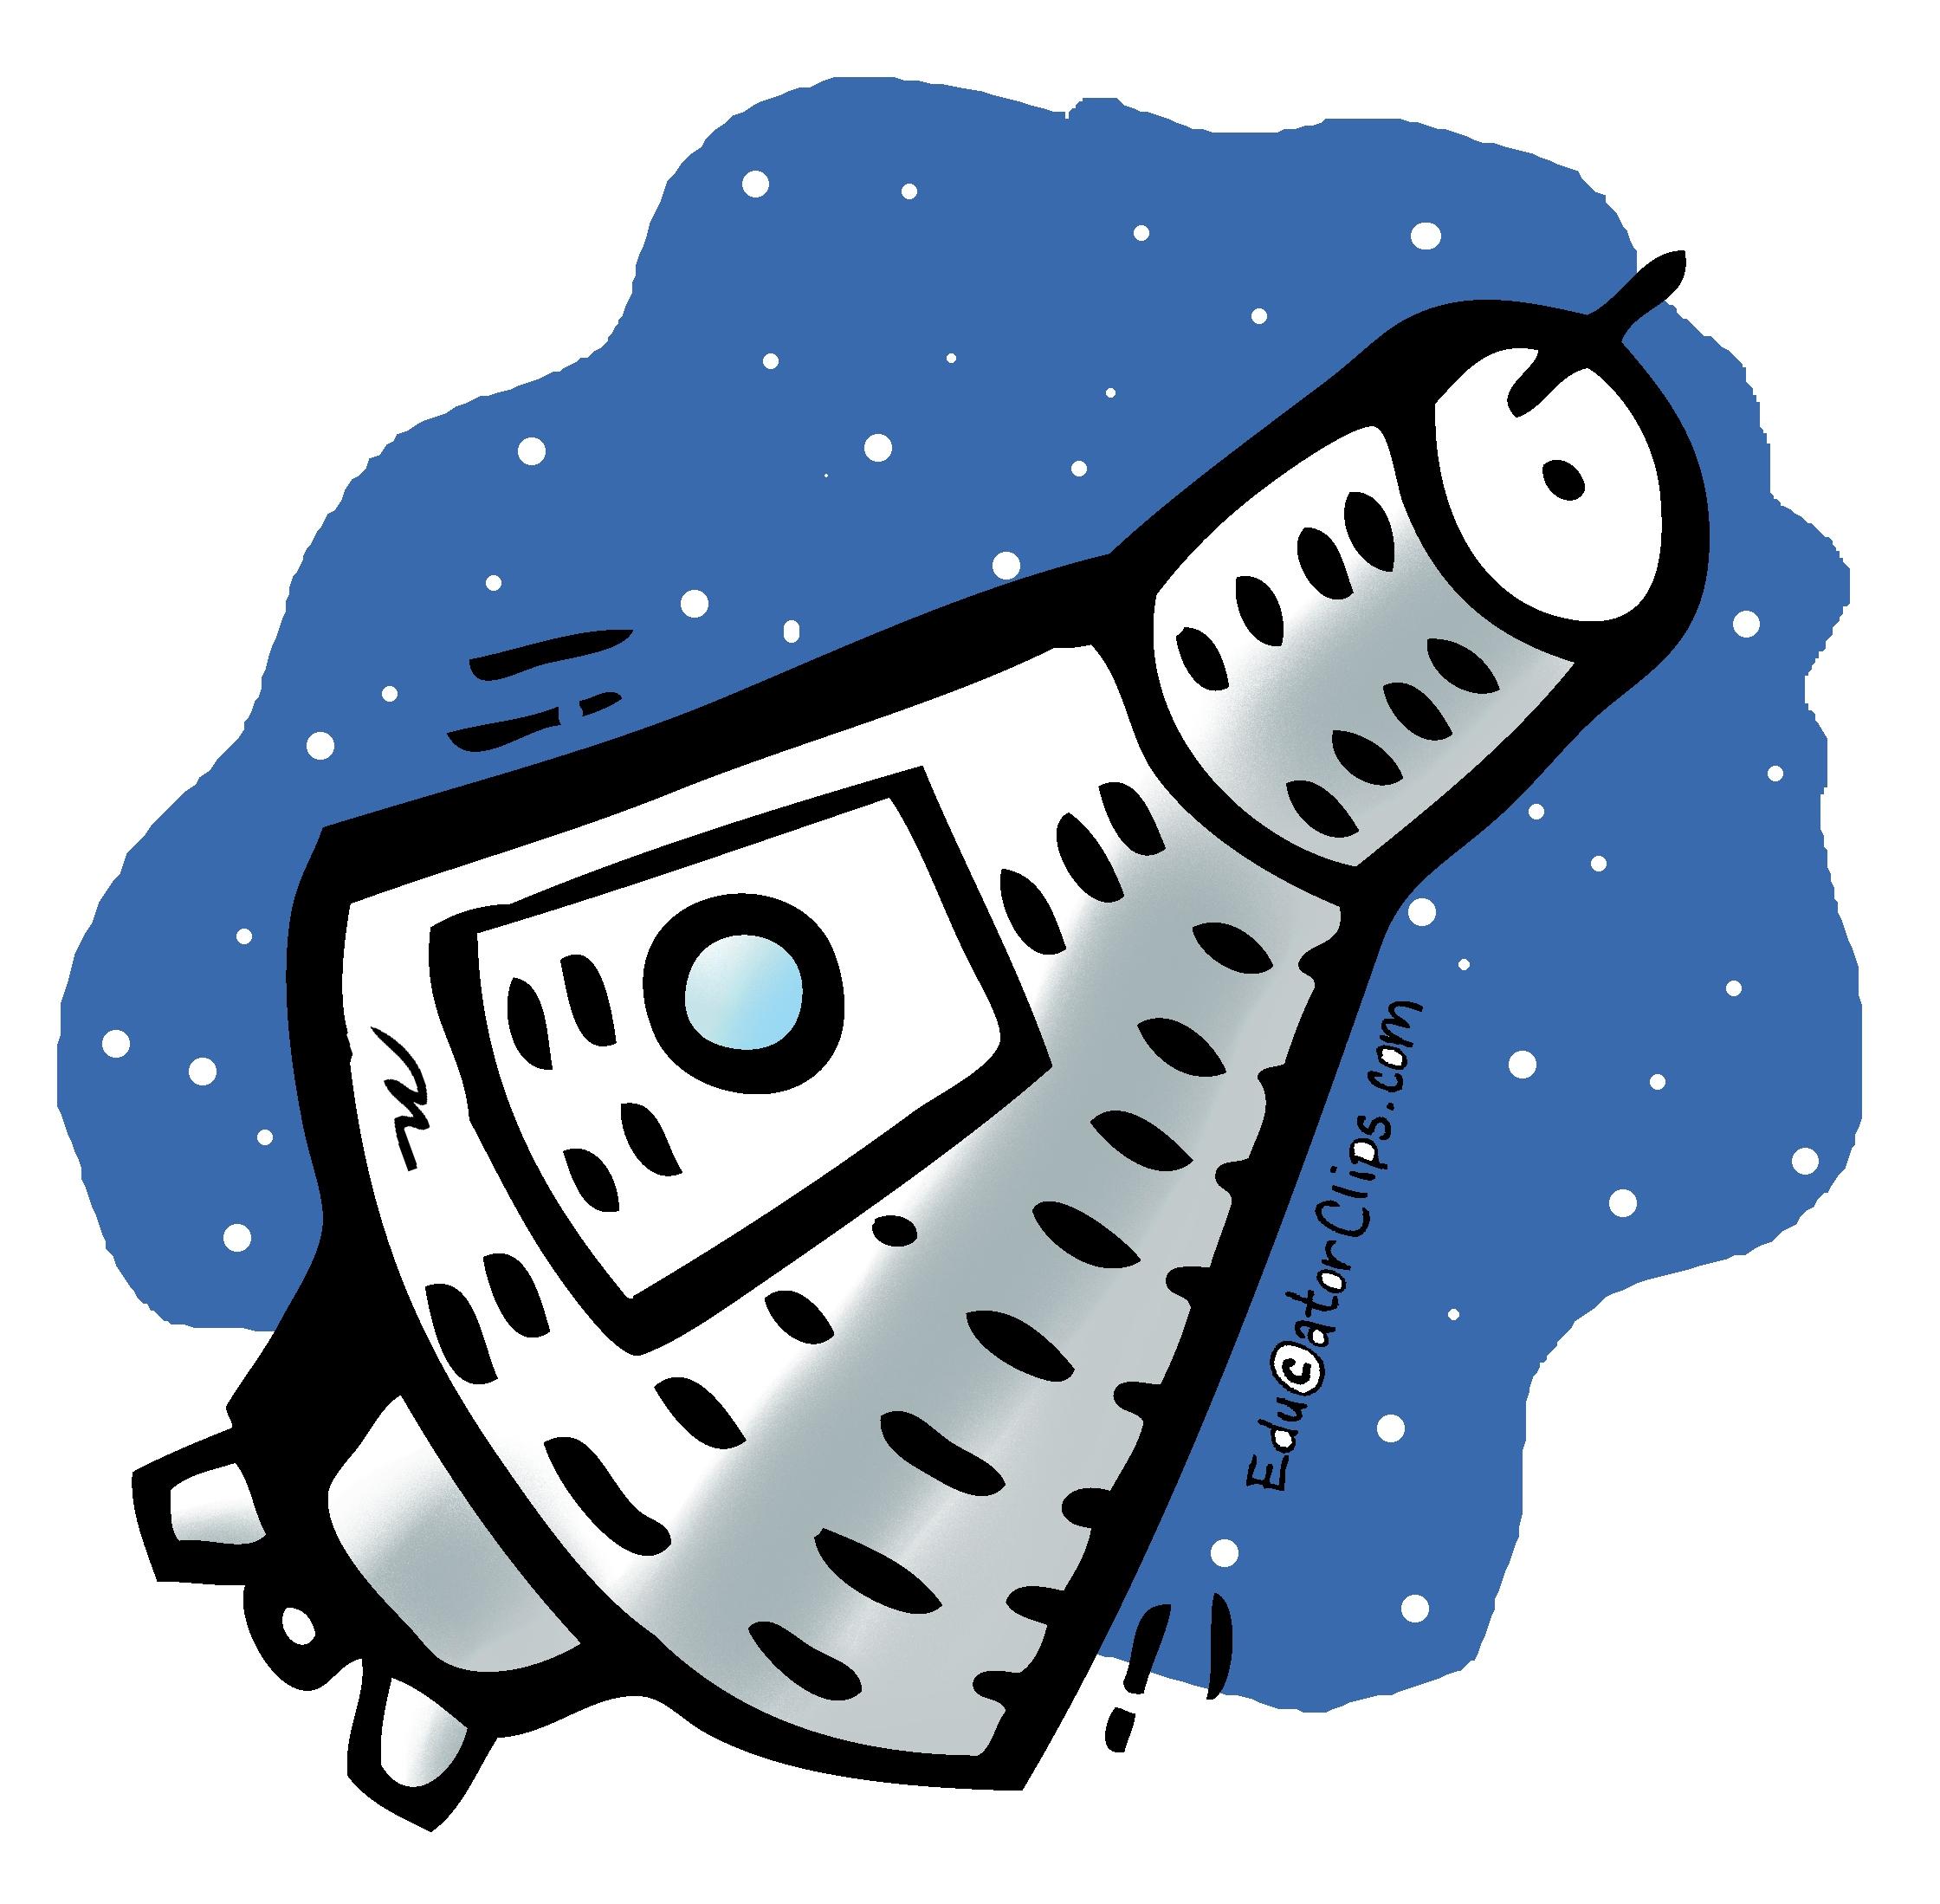 Space capsule clipart image stock Mercury Space Capsule Clip Art image stock